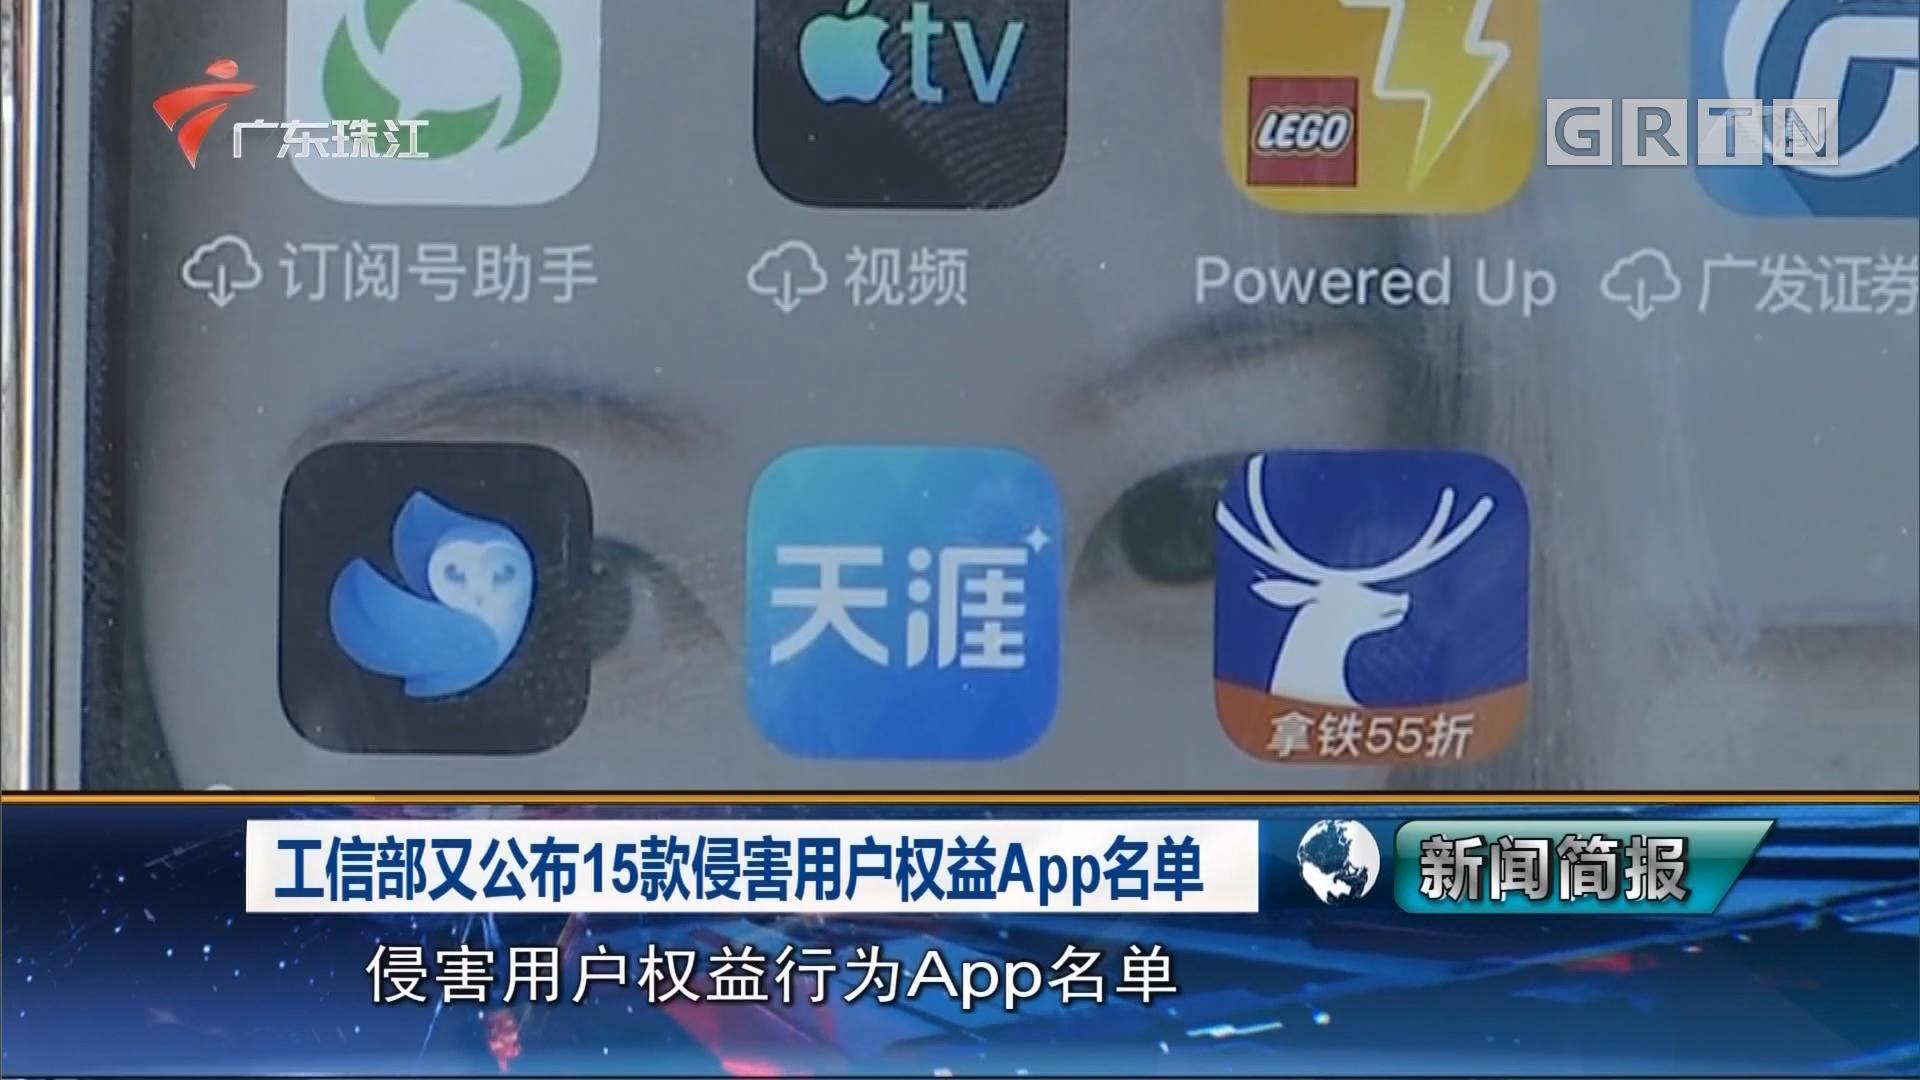 工信部又公布15款侵害用户权益App名单